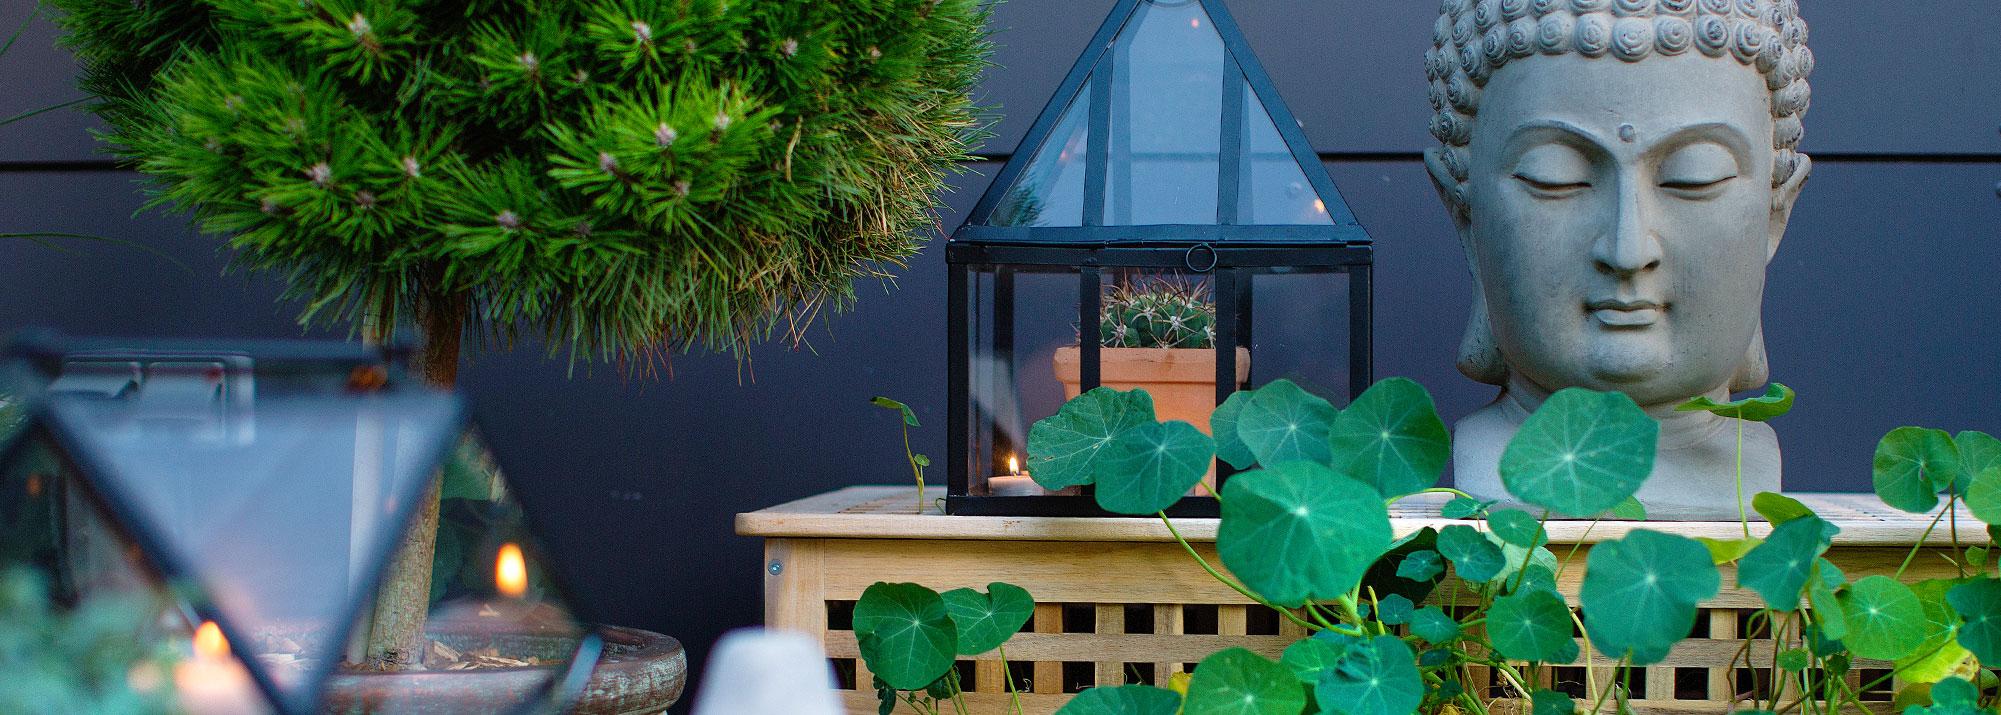 Décoration Du Jardin : Décoration Et Aménagement Du Jardin ... tout Objets Decoration Jardin Exterieur